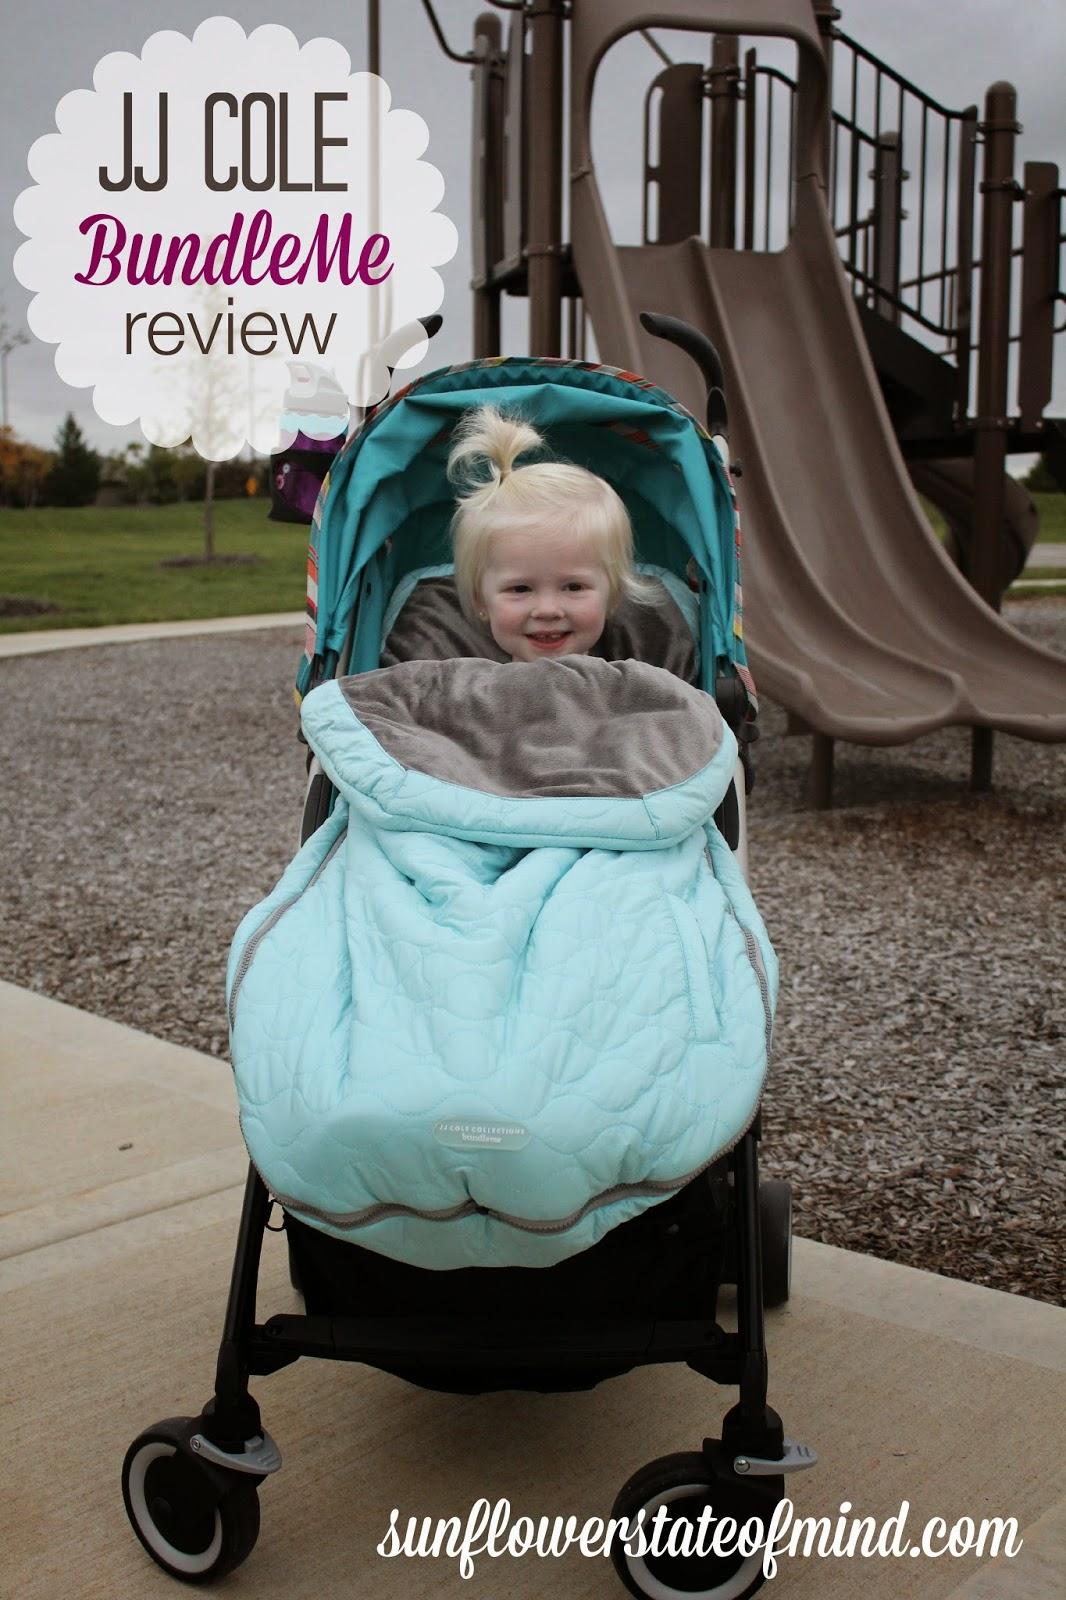 Bundle Up – JJ Cole BundleMe Review